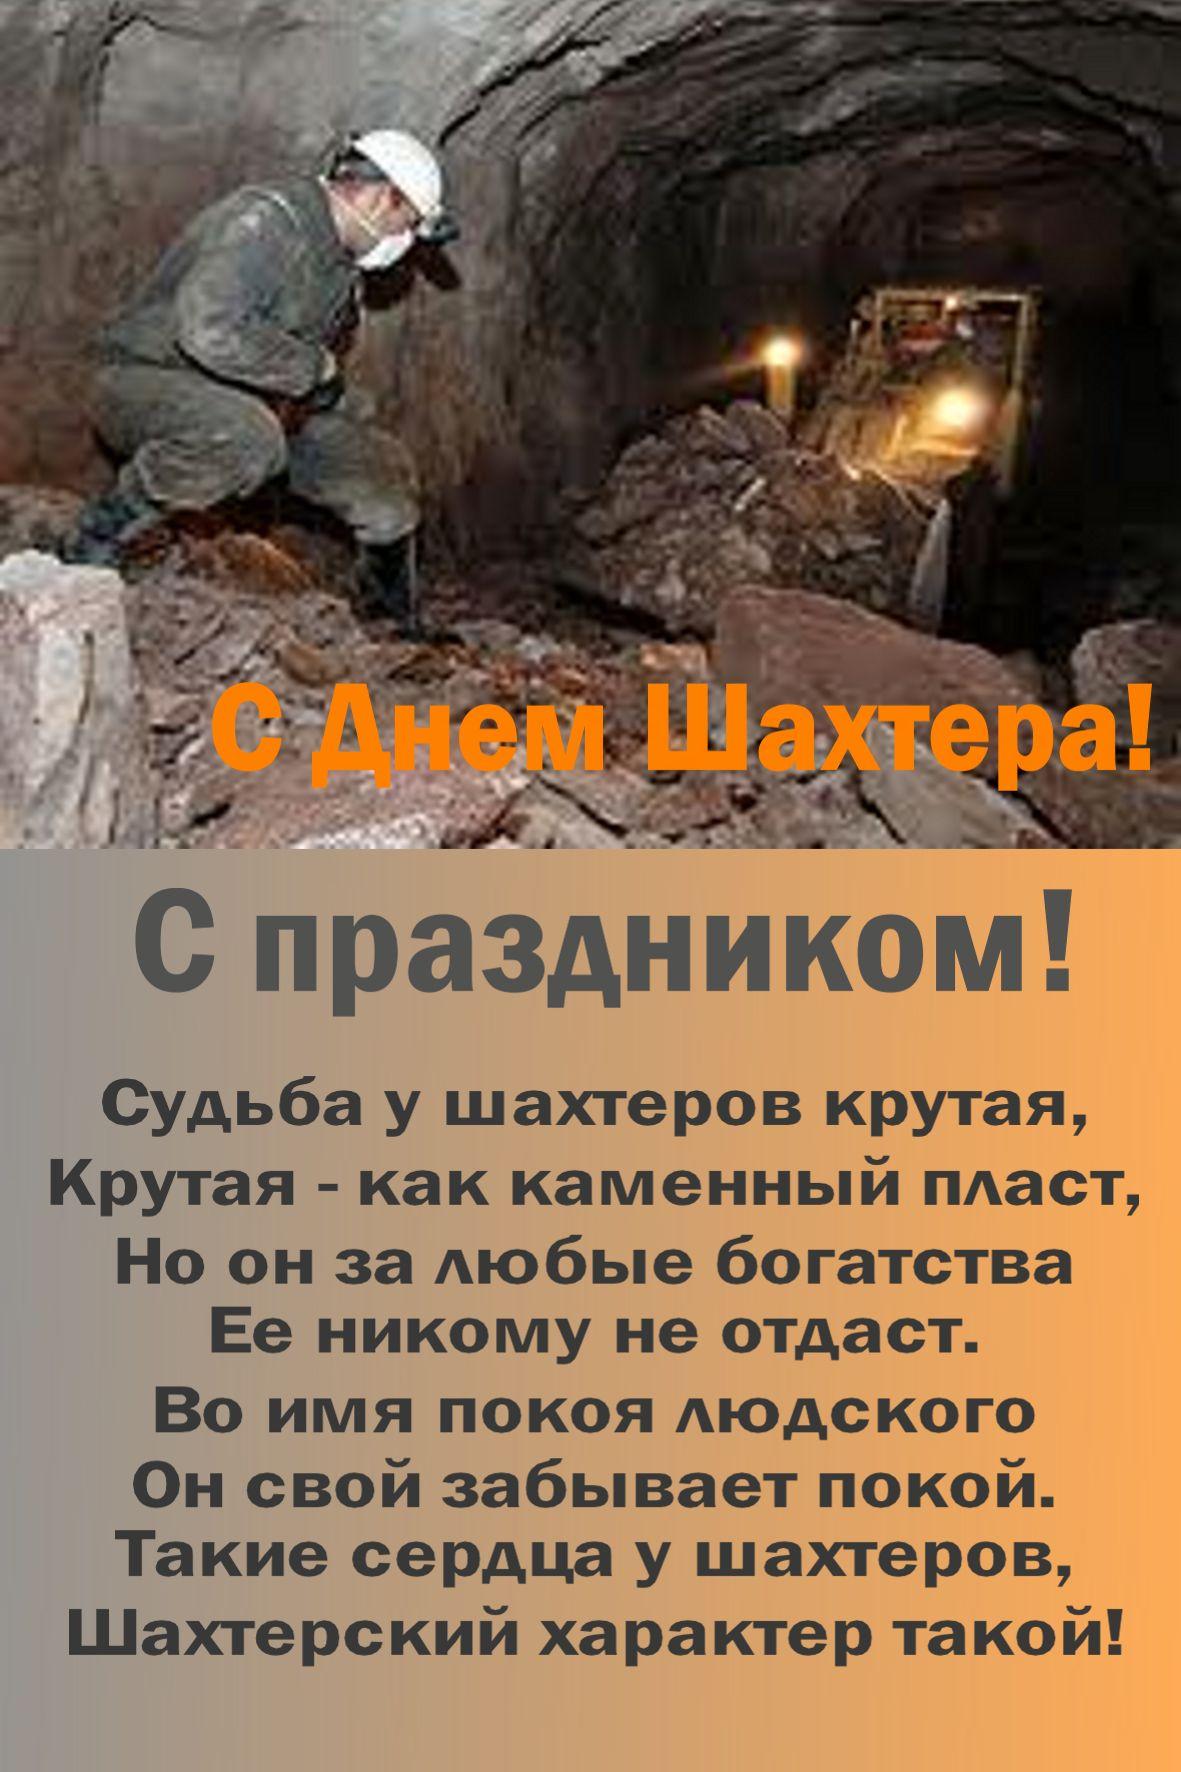 поздравление бывшему шахтеру для начала